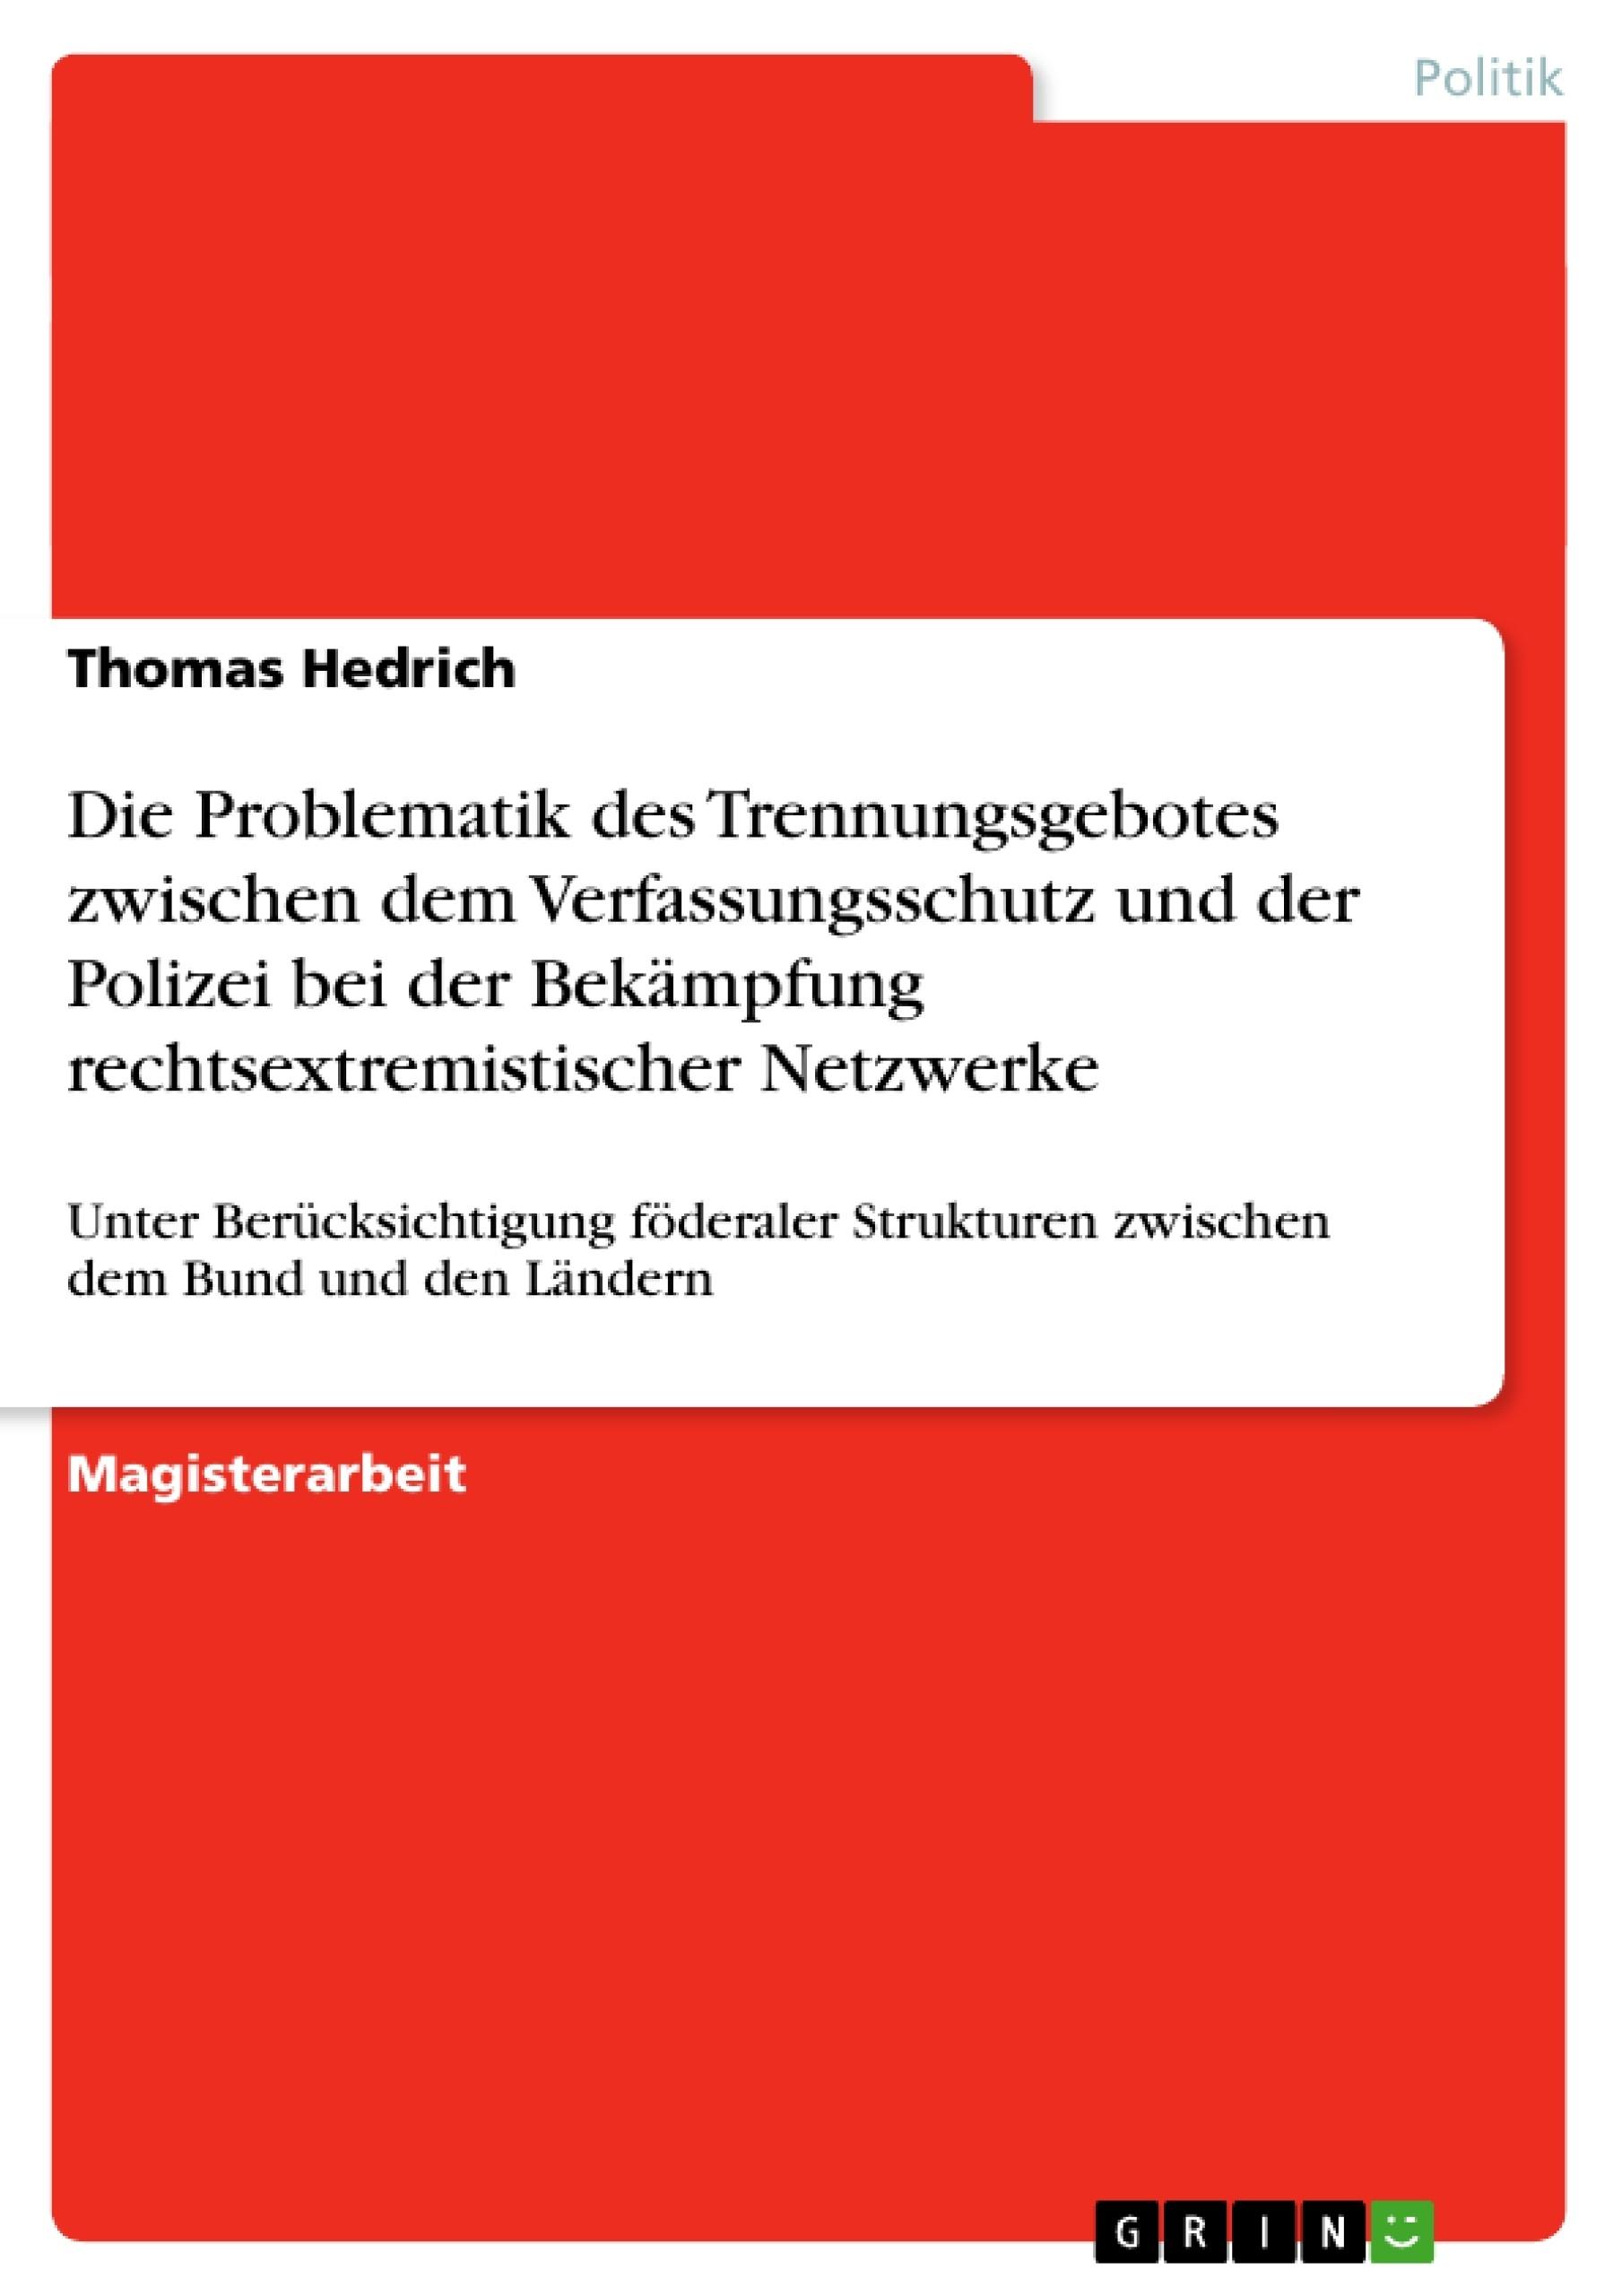 Titel: Die Problematik des Trennungsgebotes zwischen dem Verfassungsschutz und der Polizei bei der Bekämpfung rechtsextremistischer Netzwerke